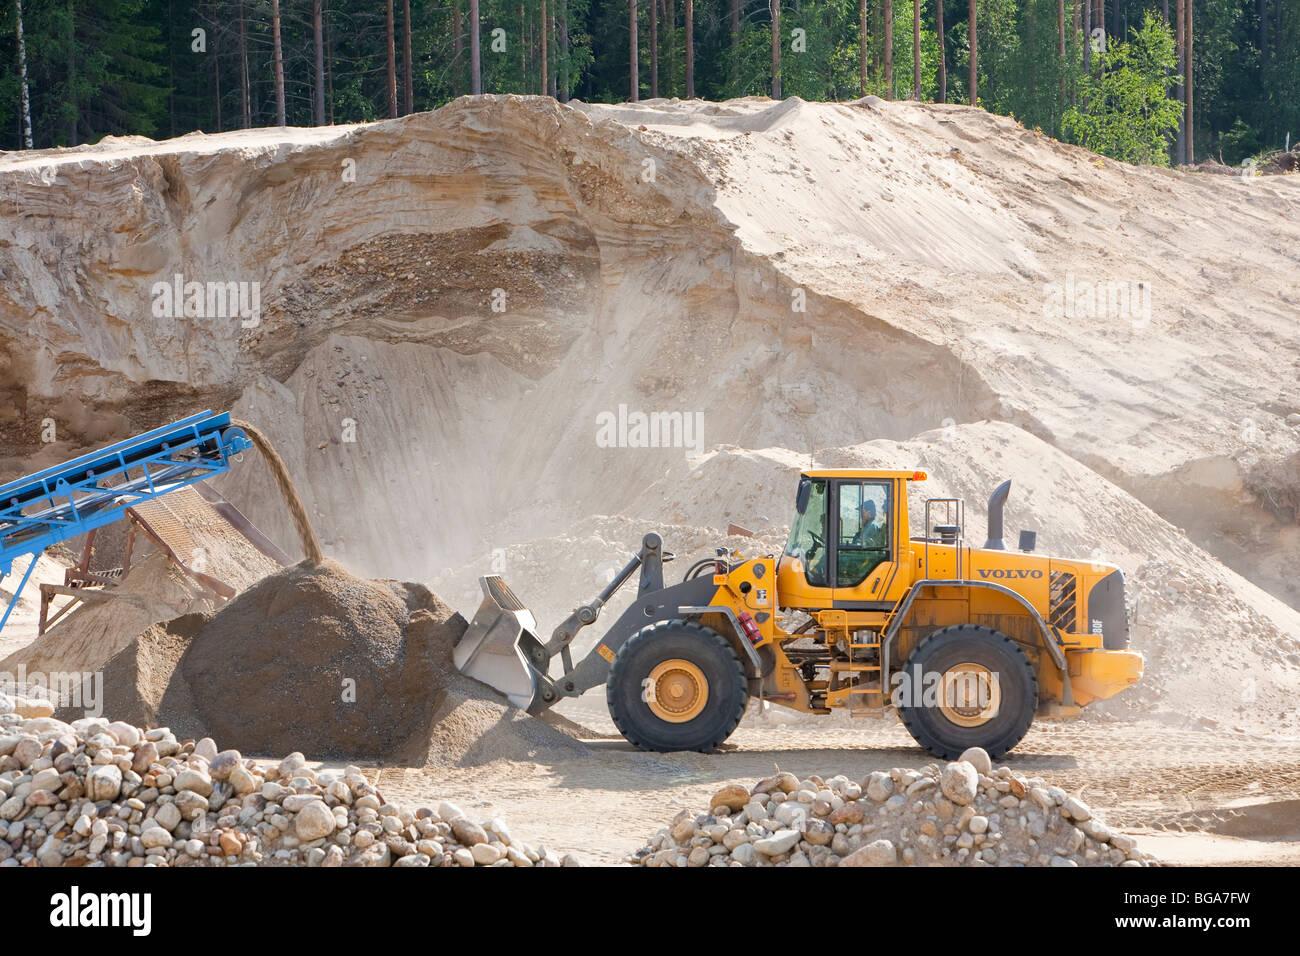 Frontlader laden von sand in einem sandkasten finnland stockfoto